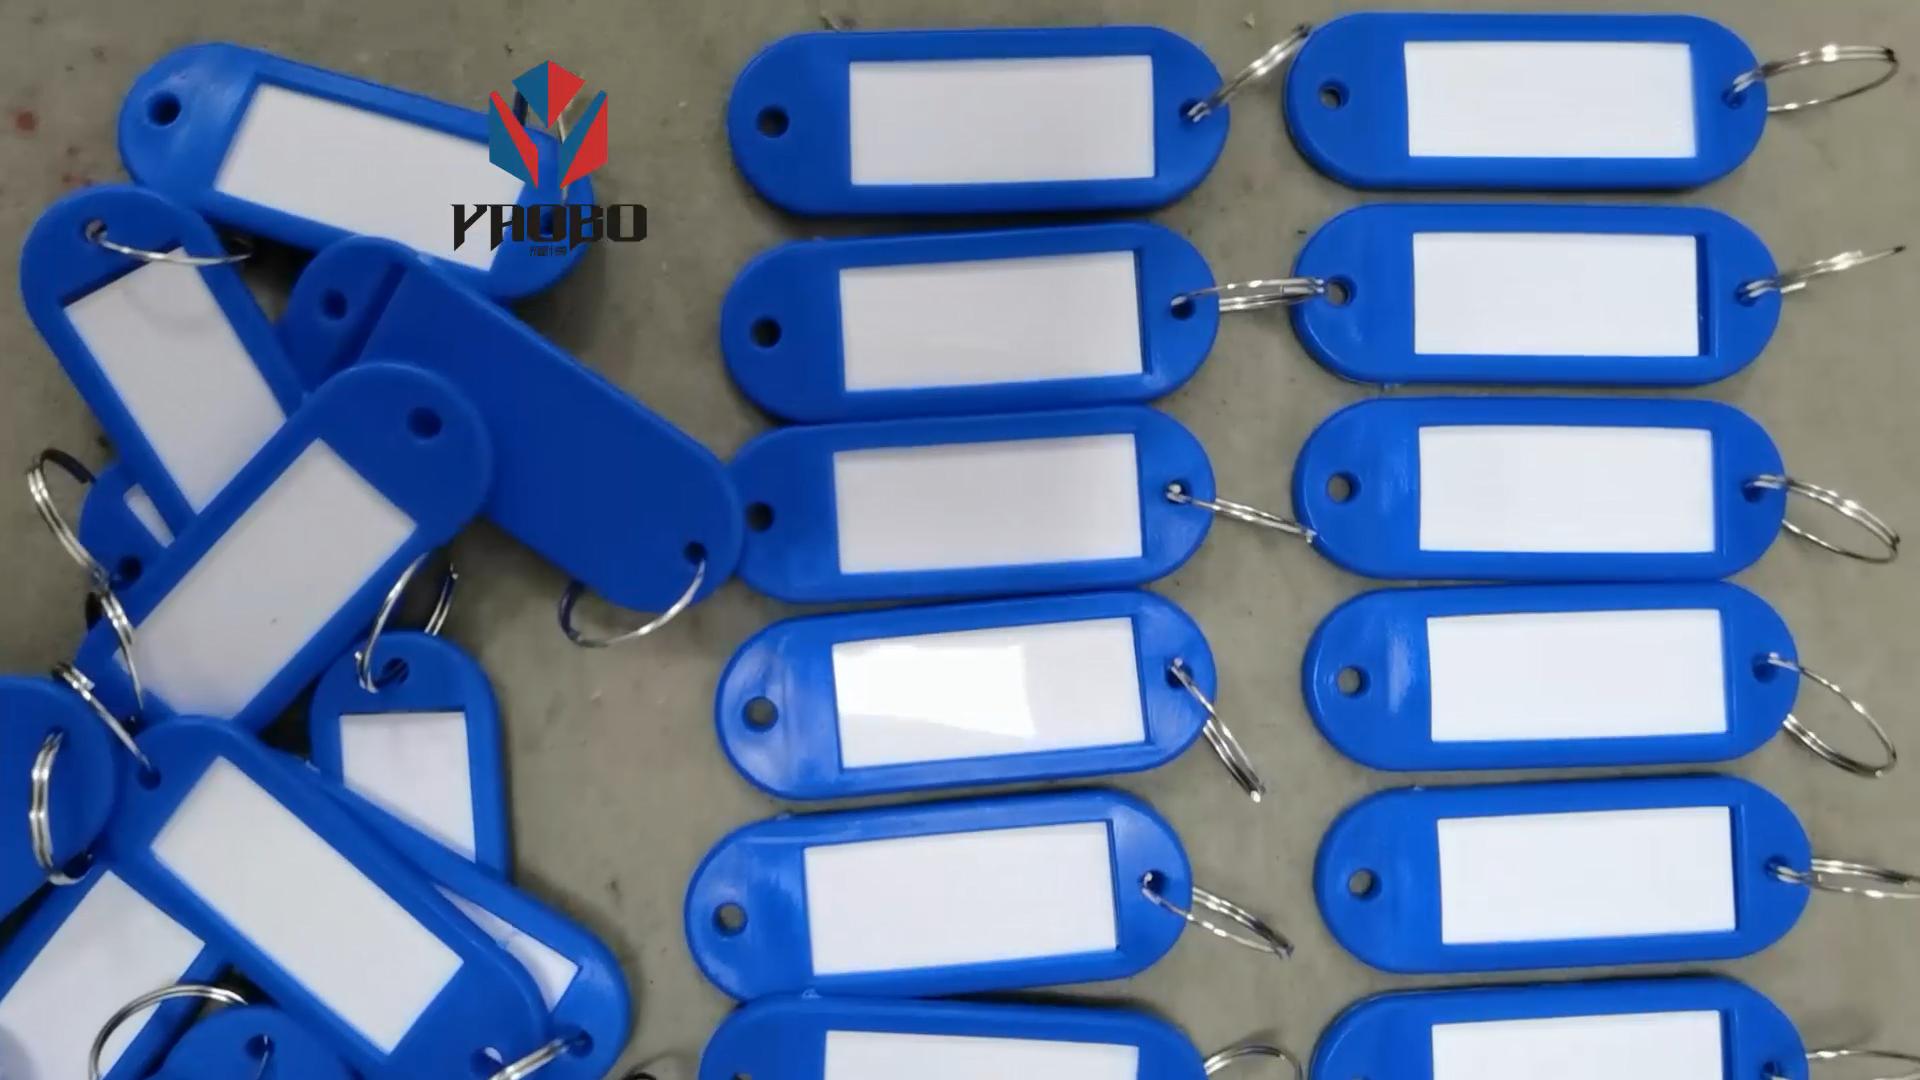 Fashion High Quality Metal Number Plastic Round Key Tag